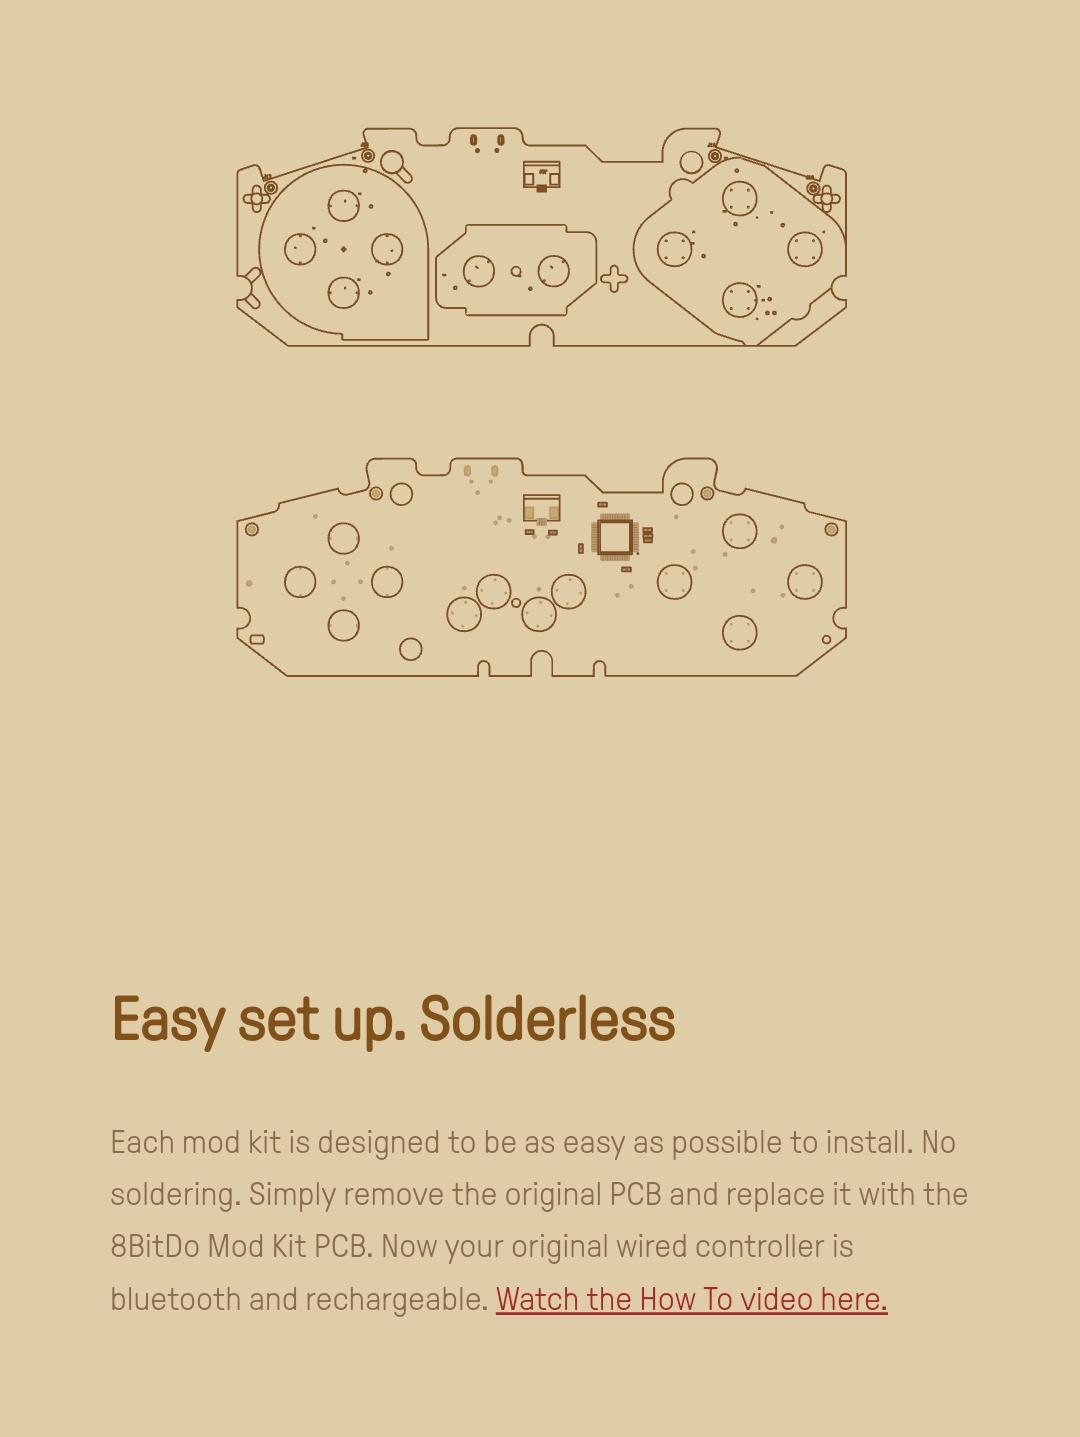 8Bitdo - Diy - Mod Kit - Snes - Belchine - 2